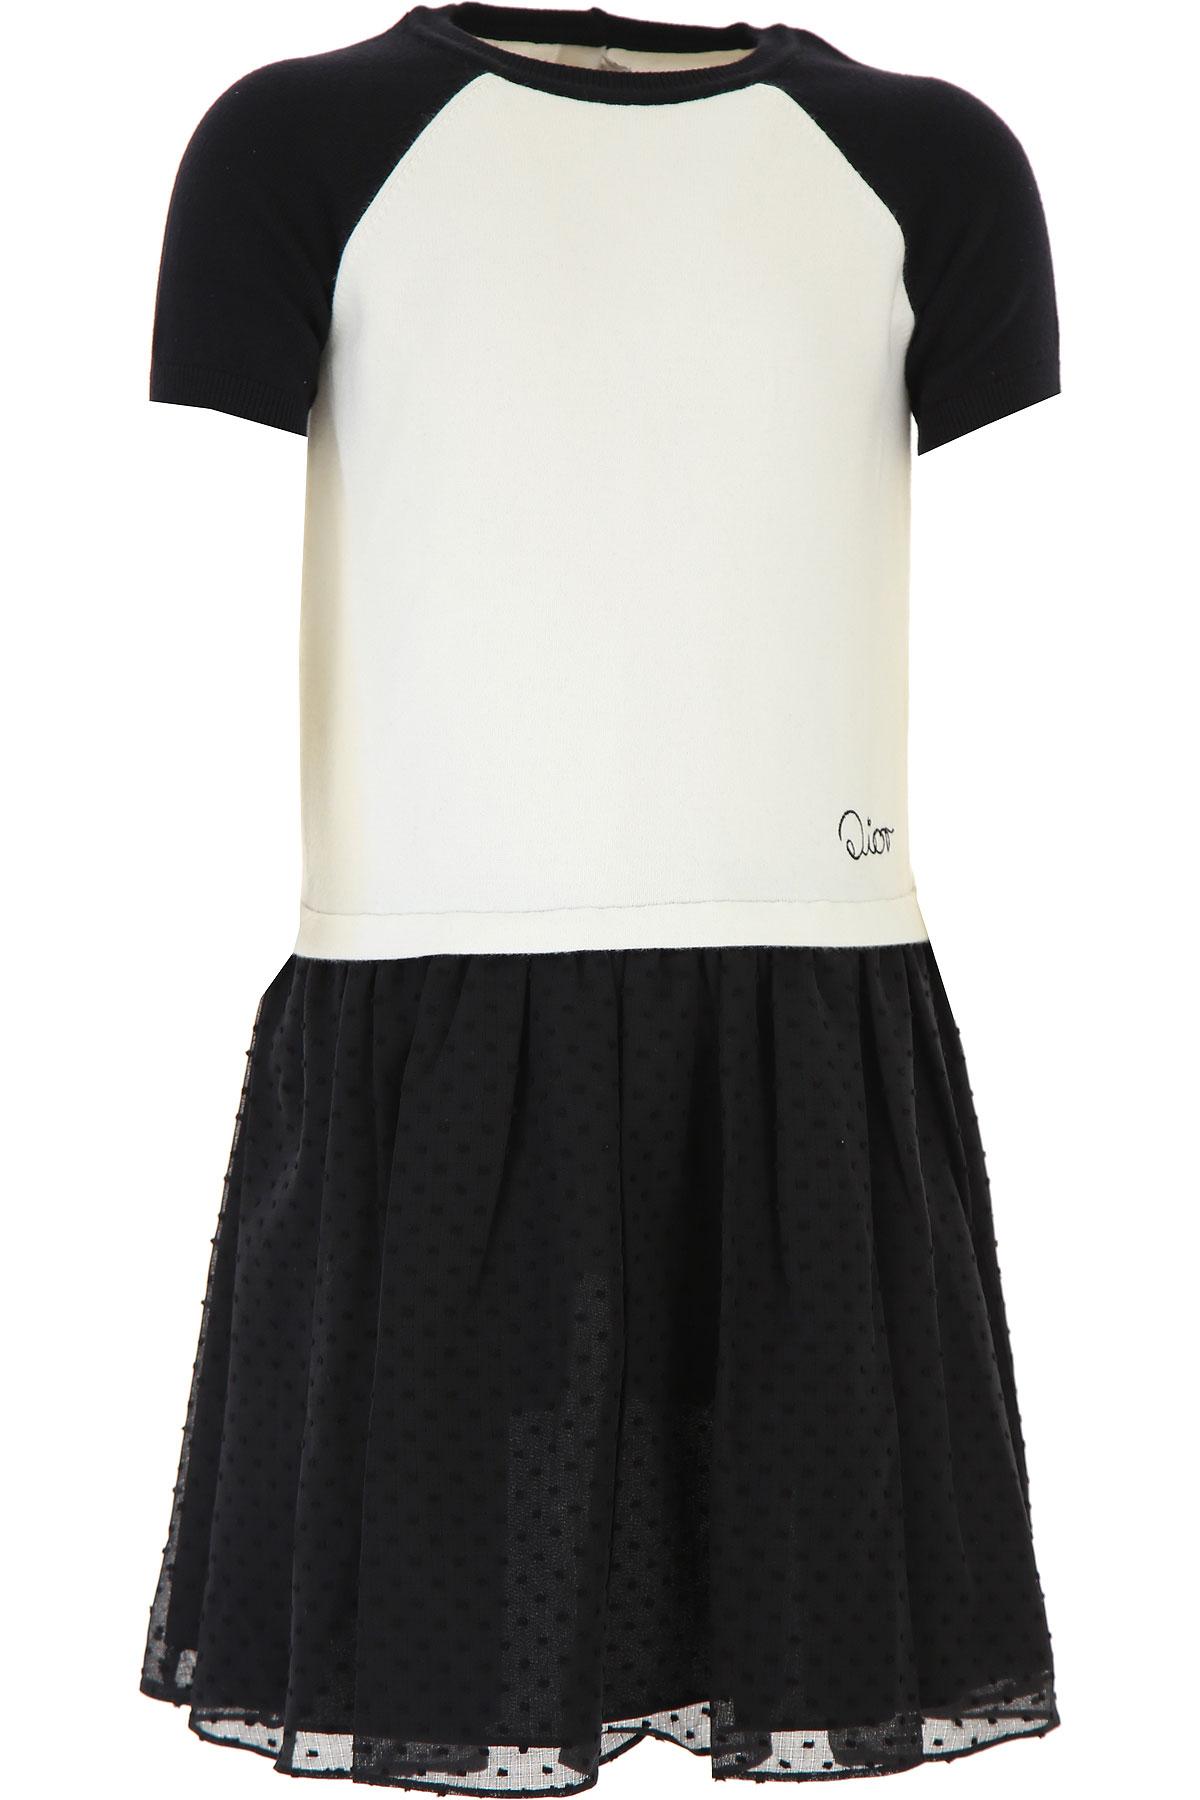 Christian Dior Girls Dress On Sale, White, polyamide, 2019, 10Y 12Y 14Y 8Y